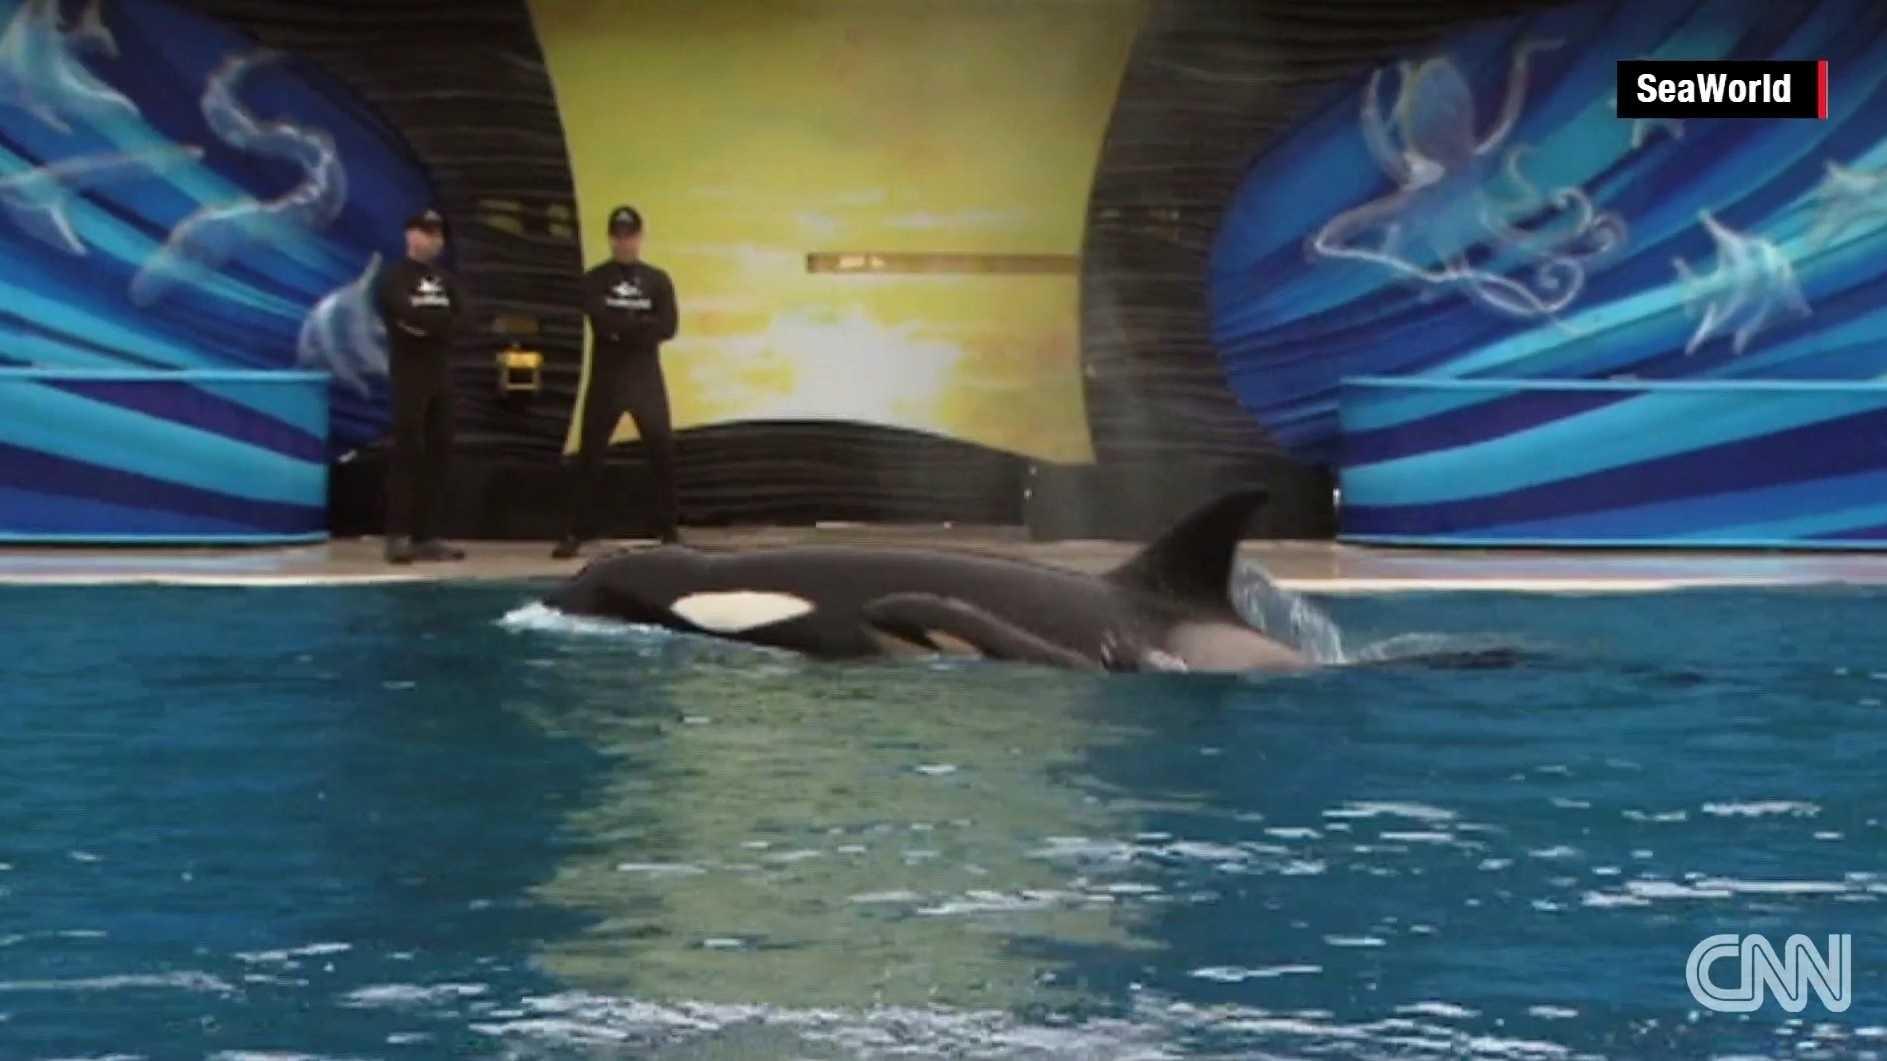 Sea World Orca CNN